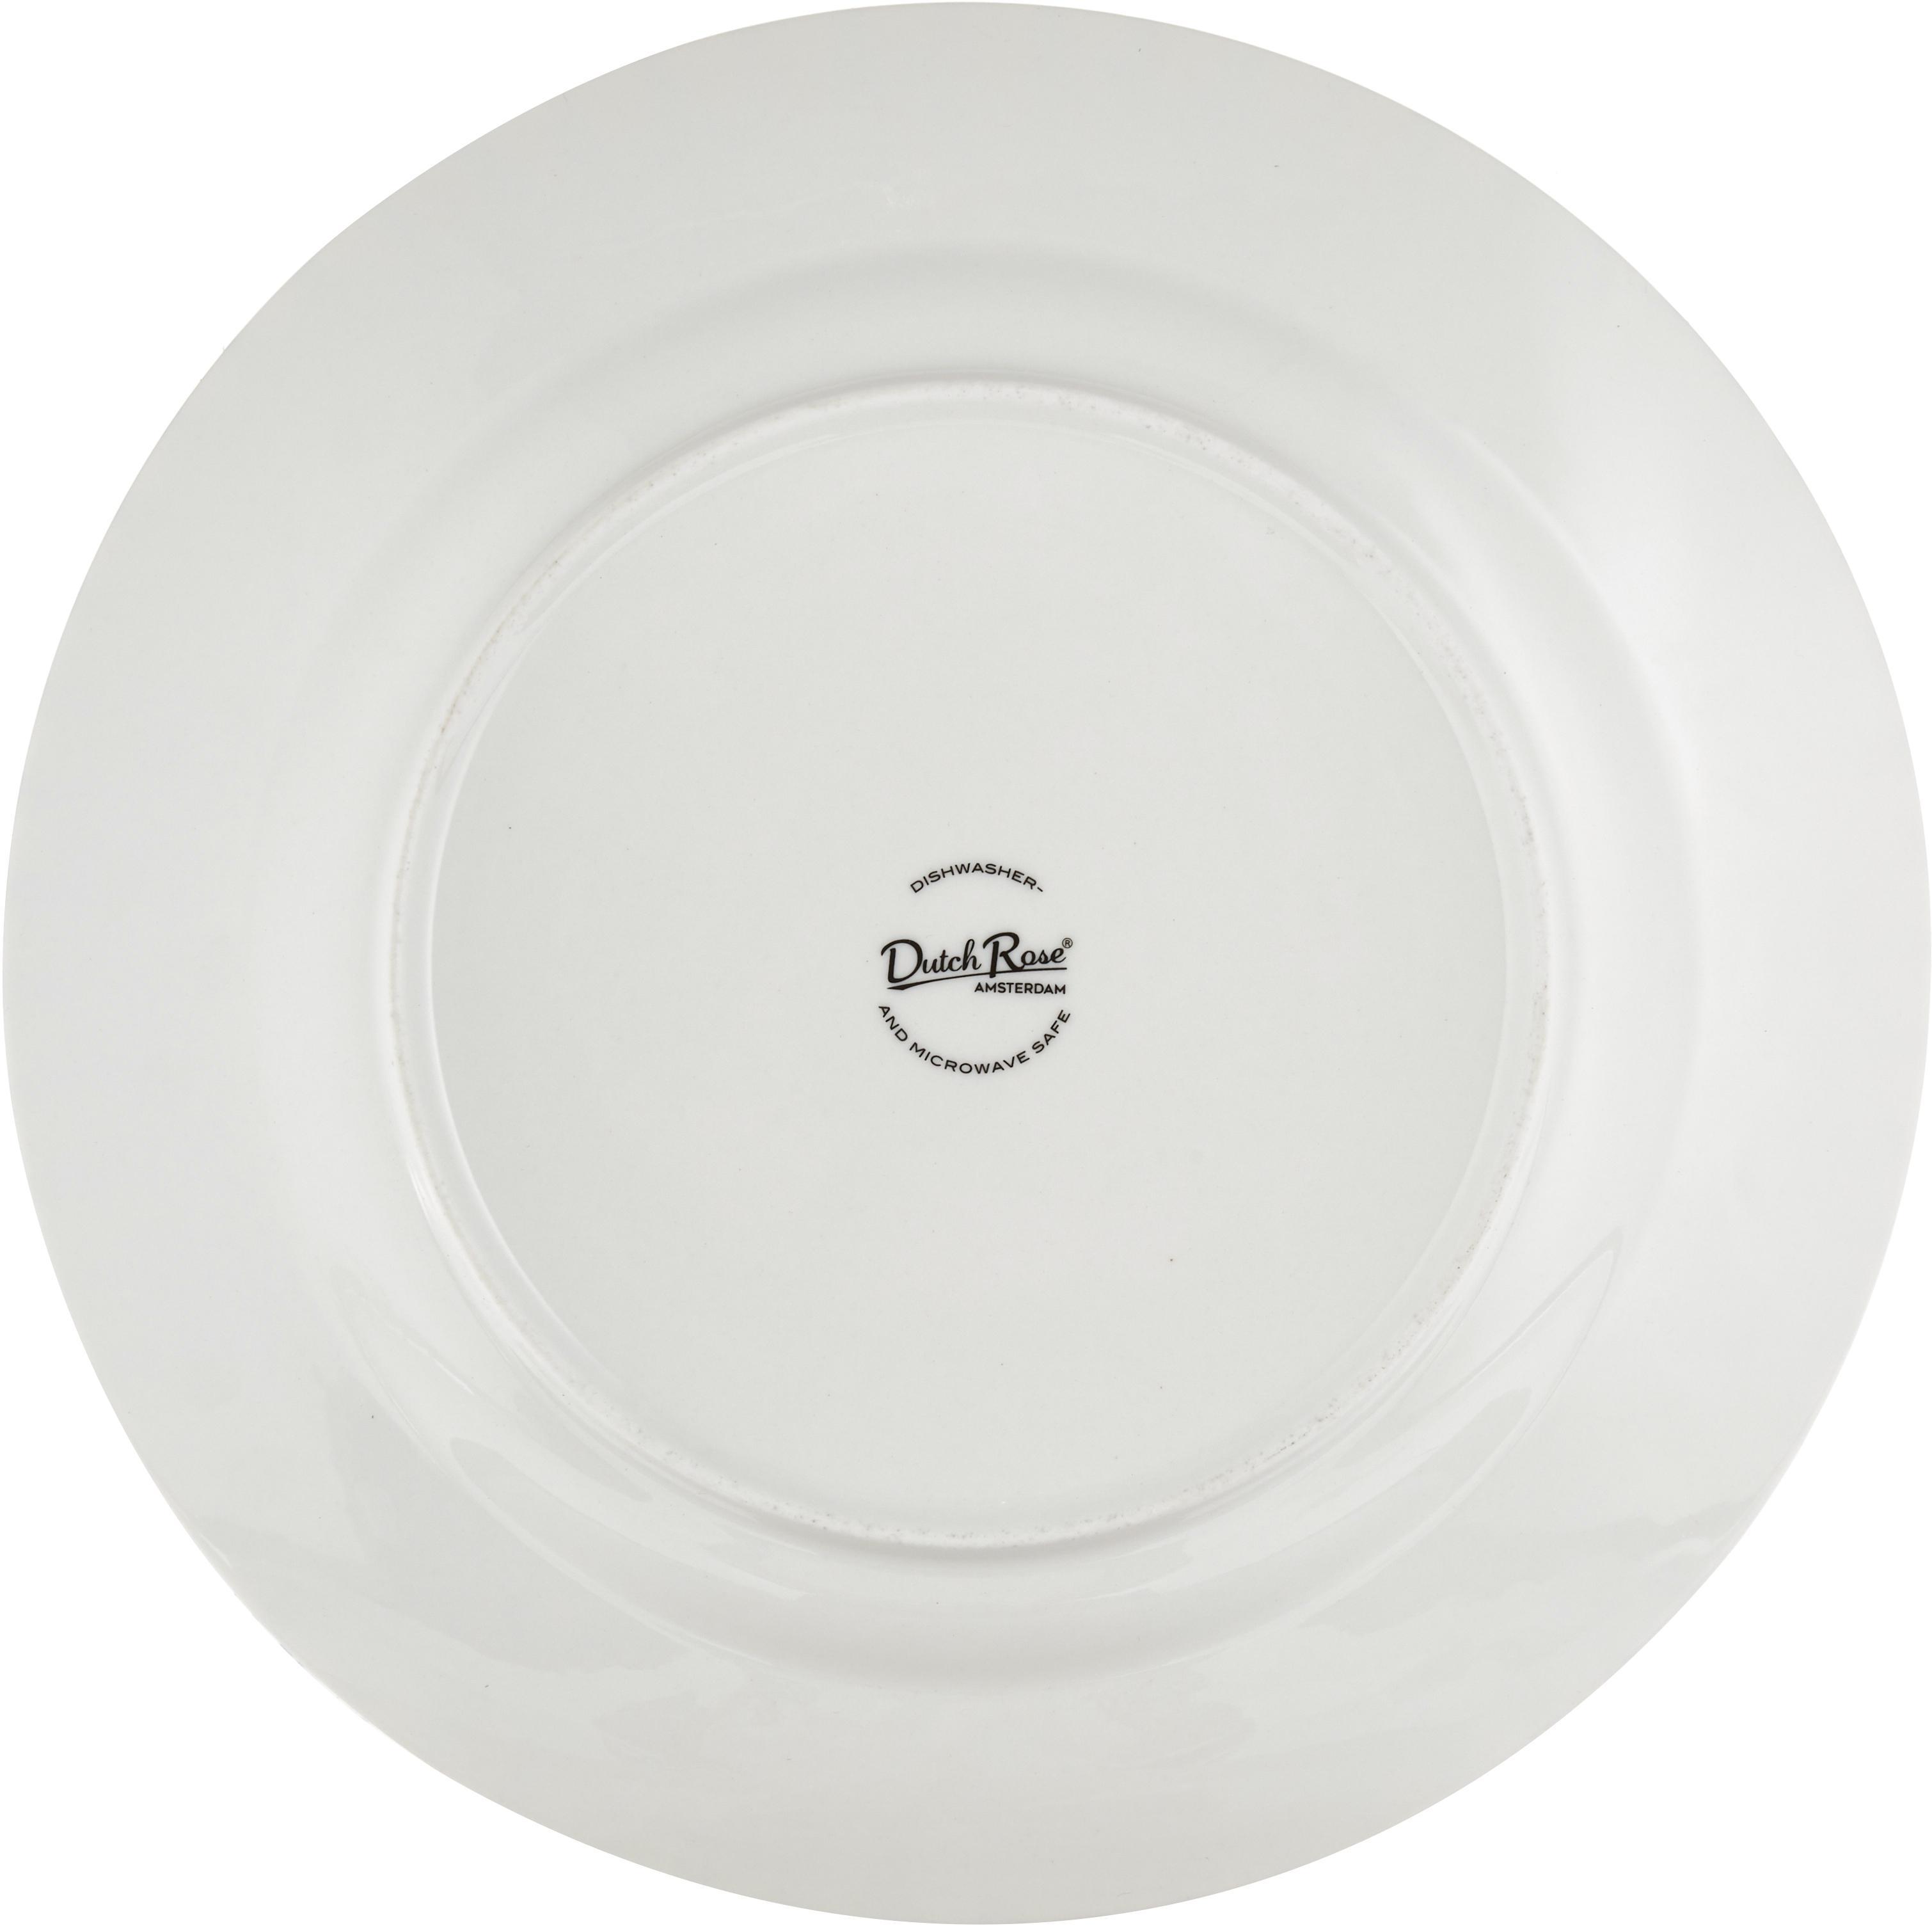 Platzteller Ceres Loft mit Streifendekor in Schwarz/Weiß, 4 Stück, Porzellan, Weiß, Schwarz, Ø 30 x H 2 cm